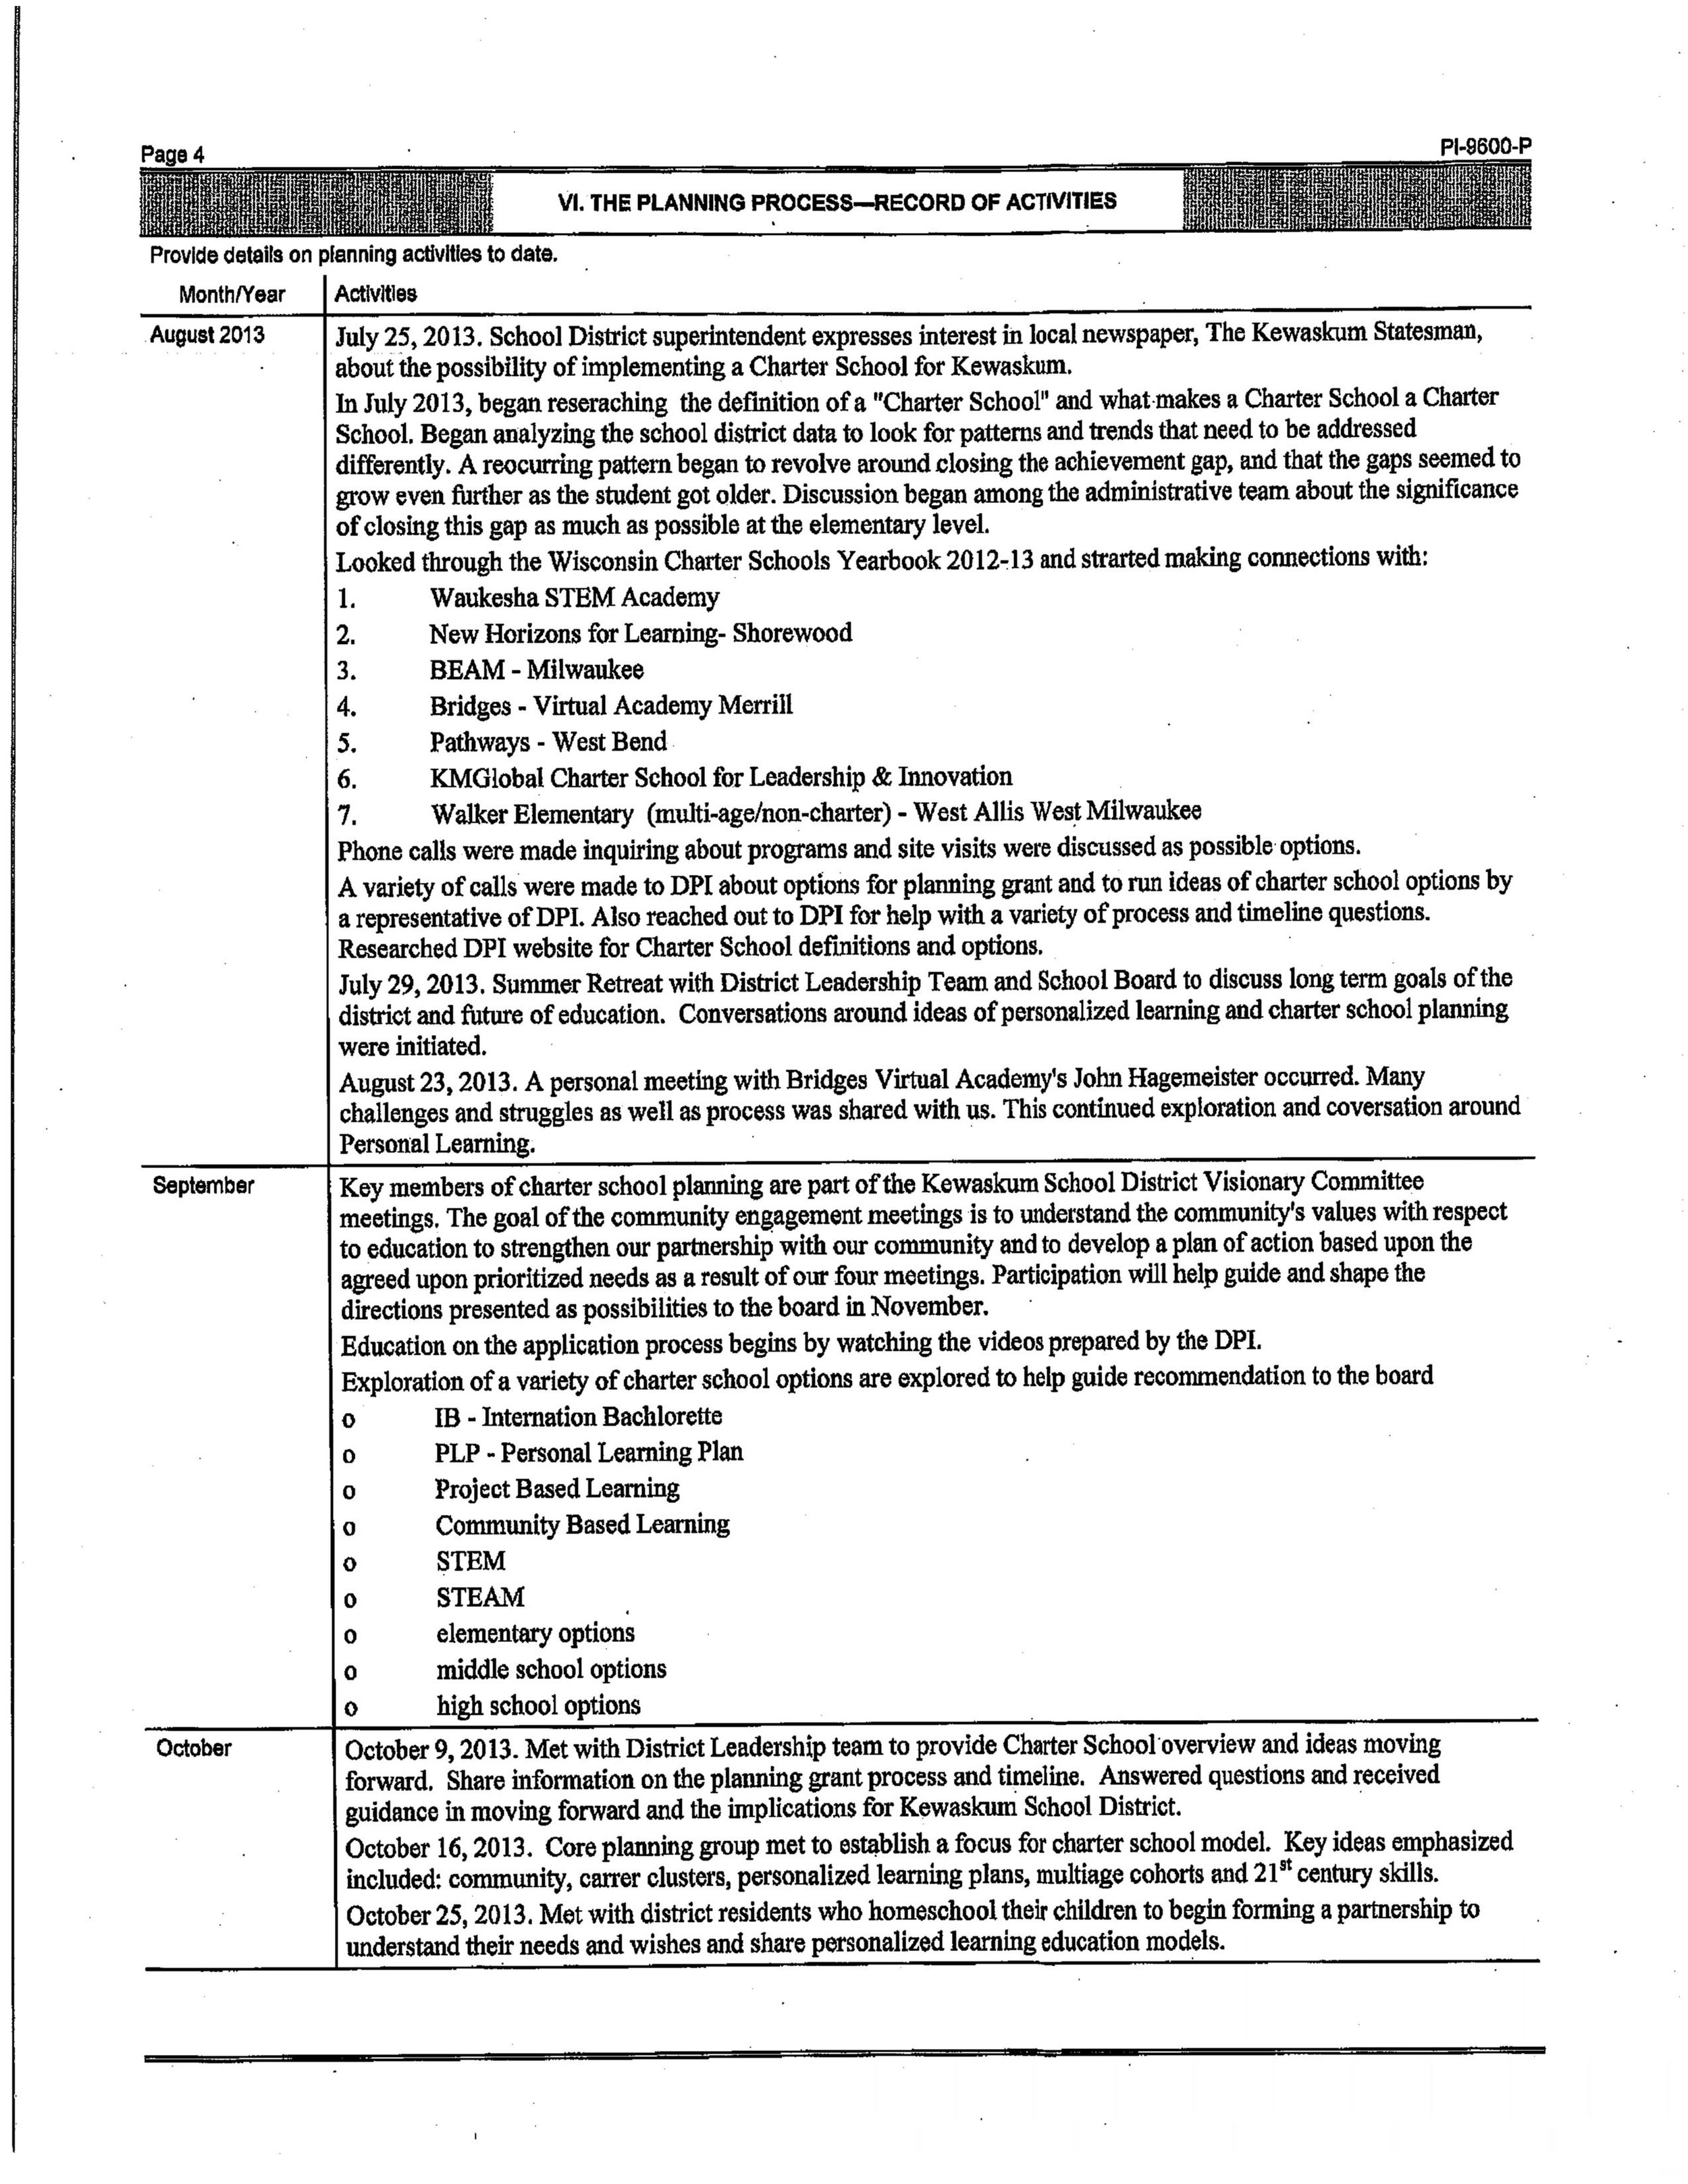 Planning Grant pg 4.jpg